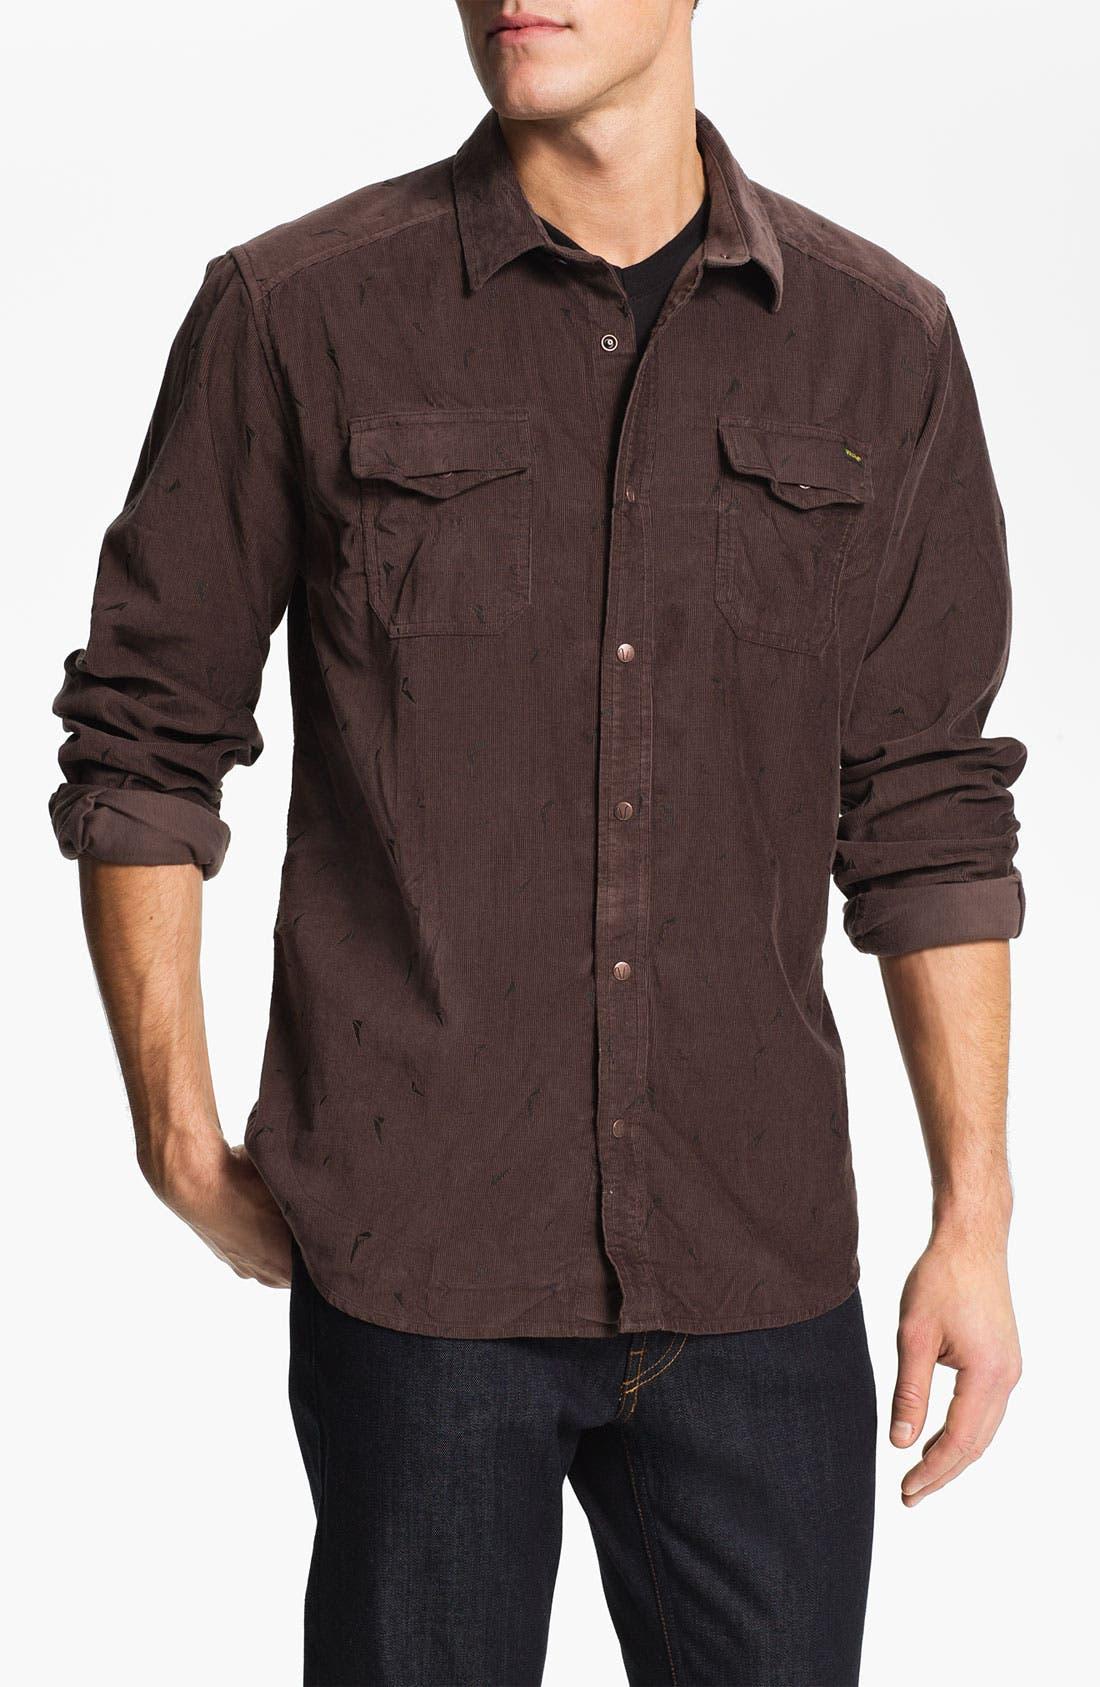 Main Image - Volcom 'Stacked' Corduroy Shirt